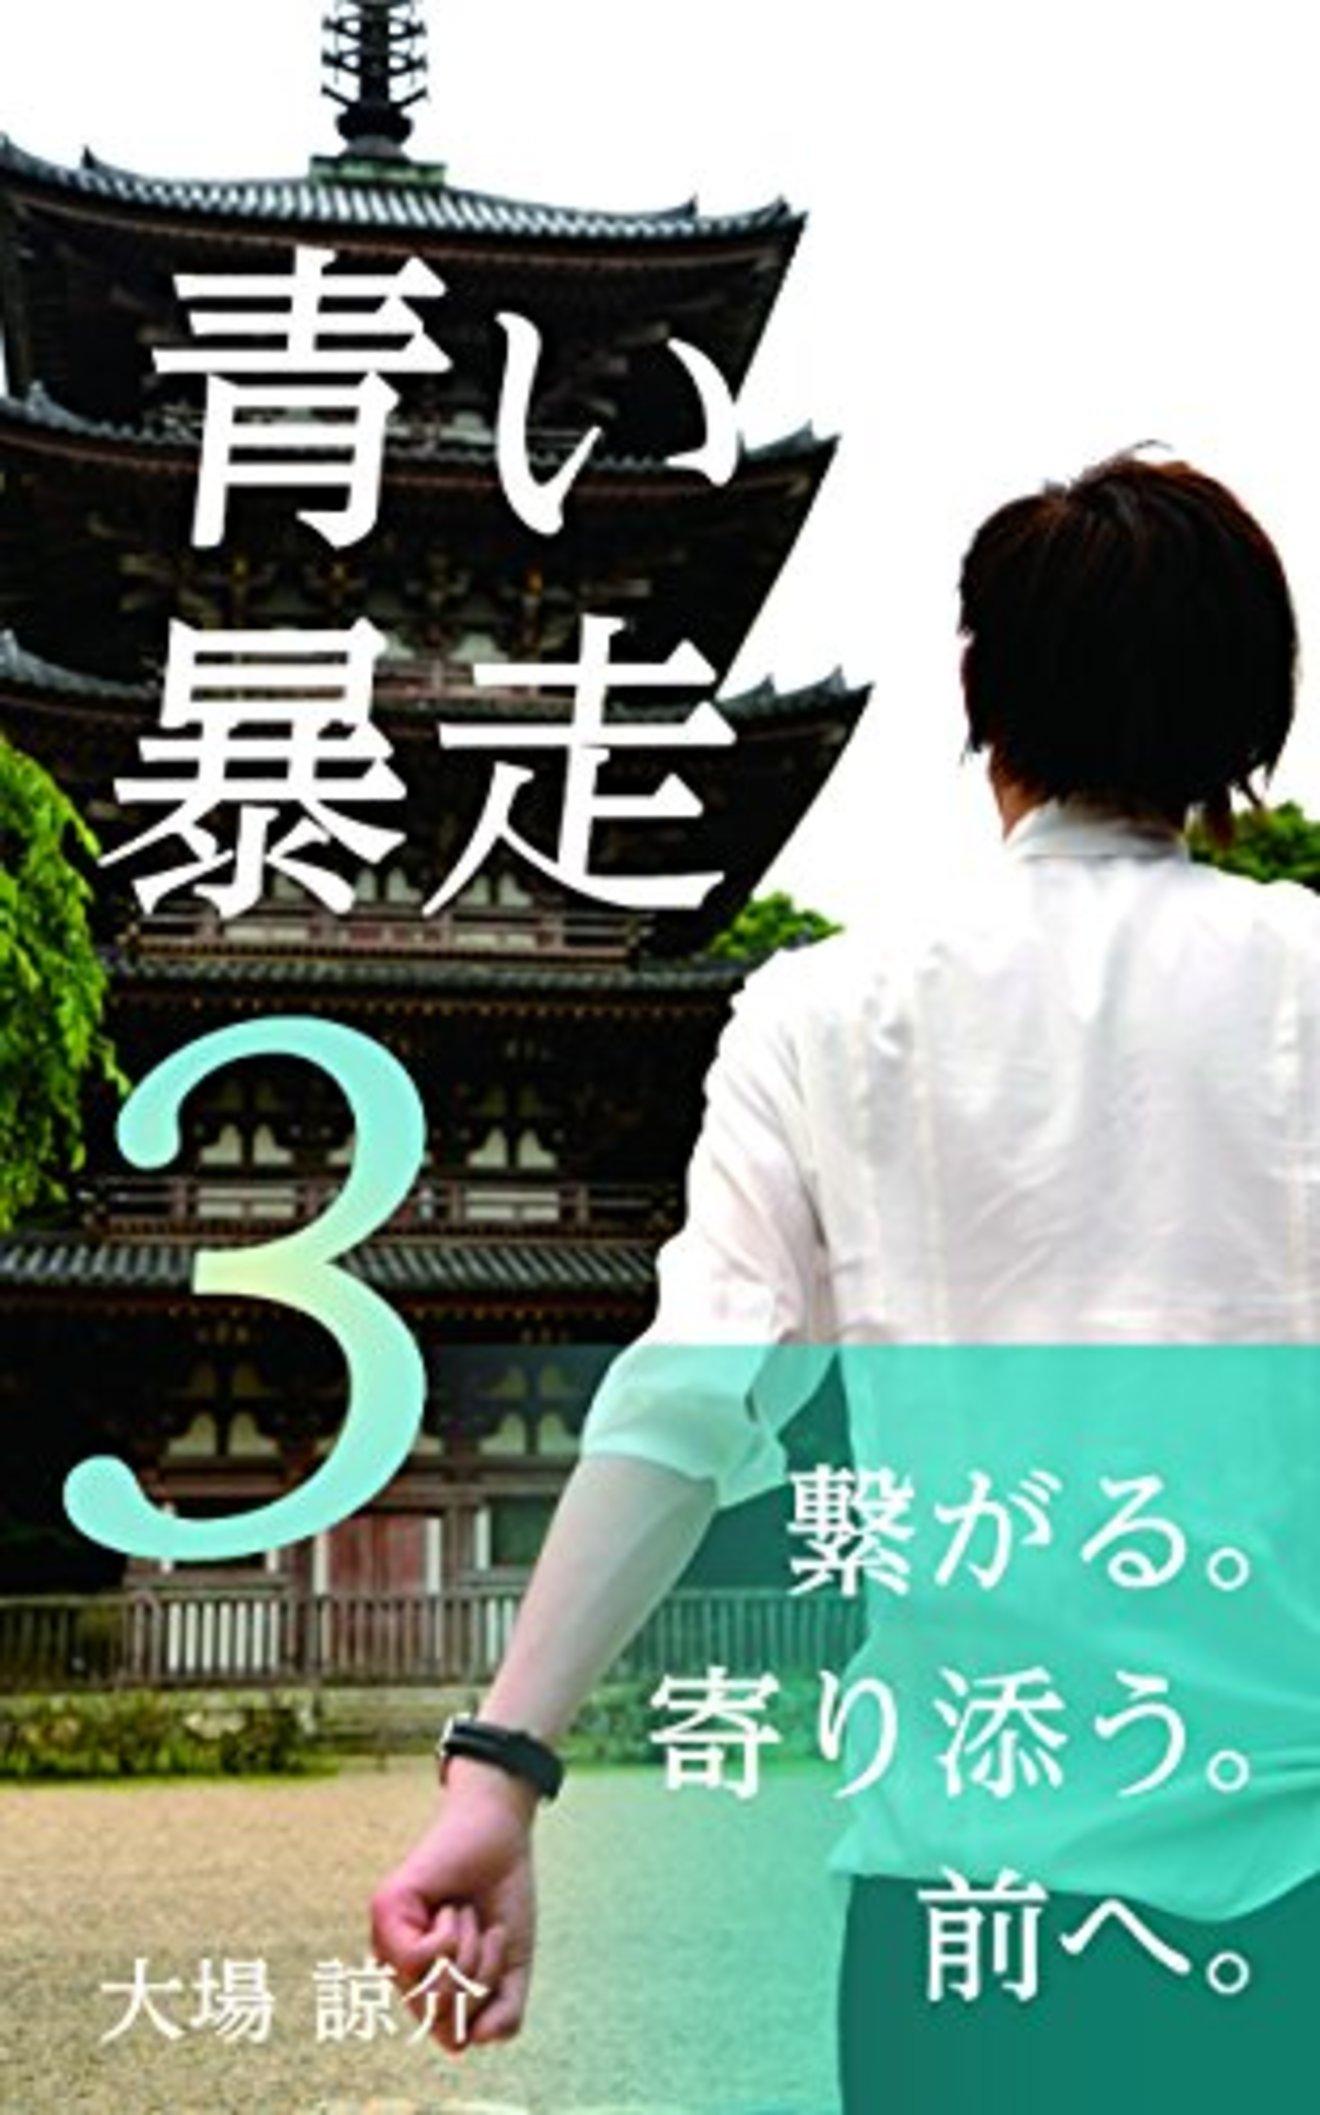 【連載小説】「ロマンティックが終わる時」第26話【毎朝6時更新】